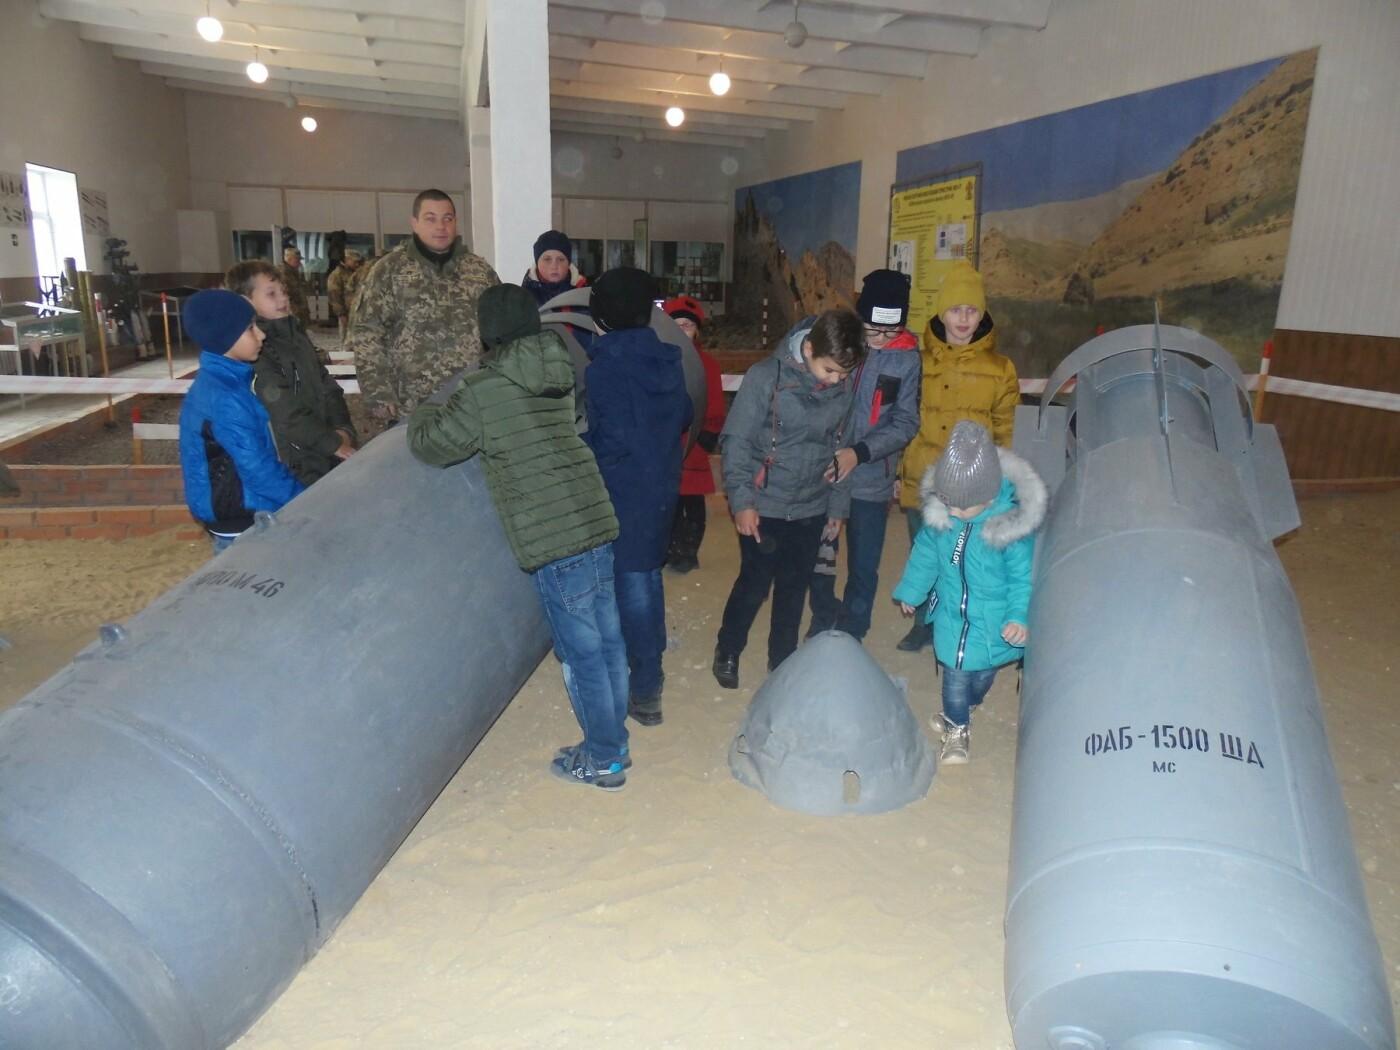 До строю військовослужбовців Центру розмінування, з нагоди Дня інженерних військ, стали їхні діти, фото-3